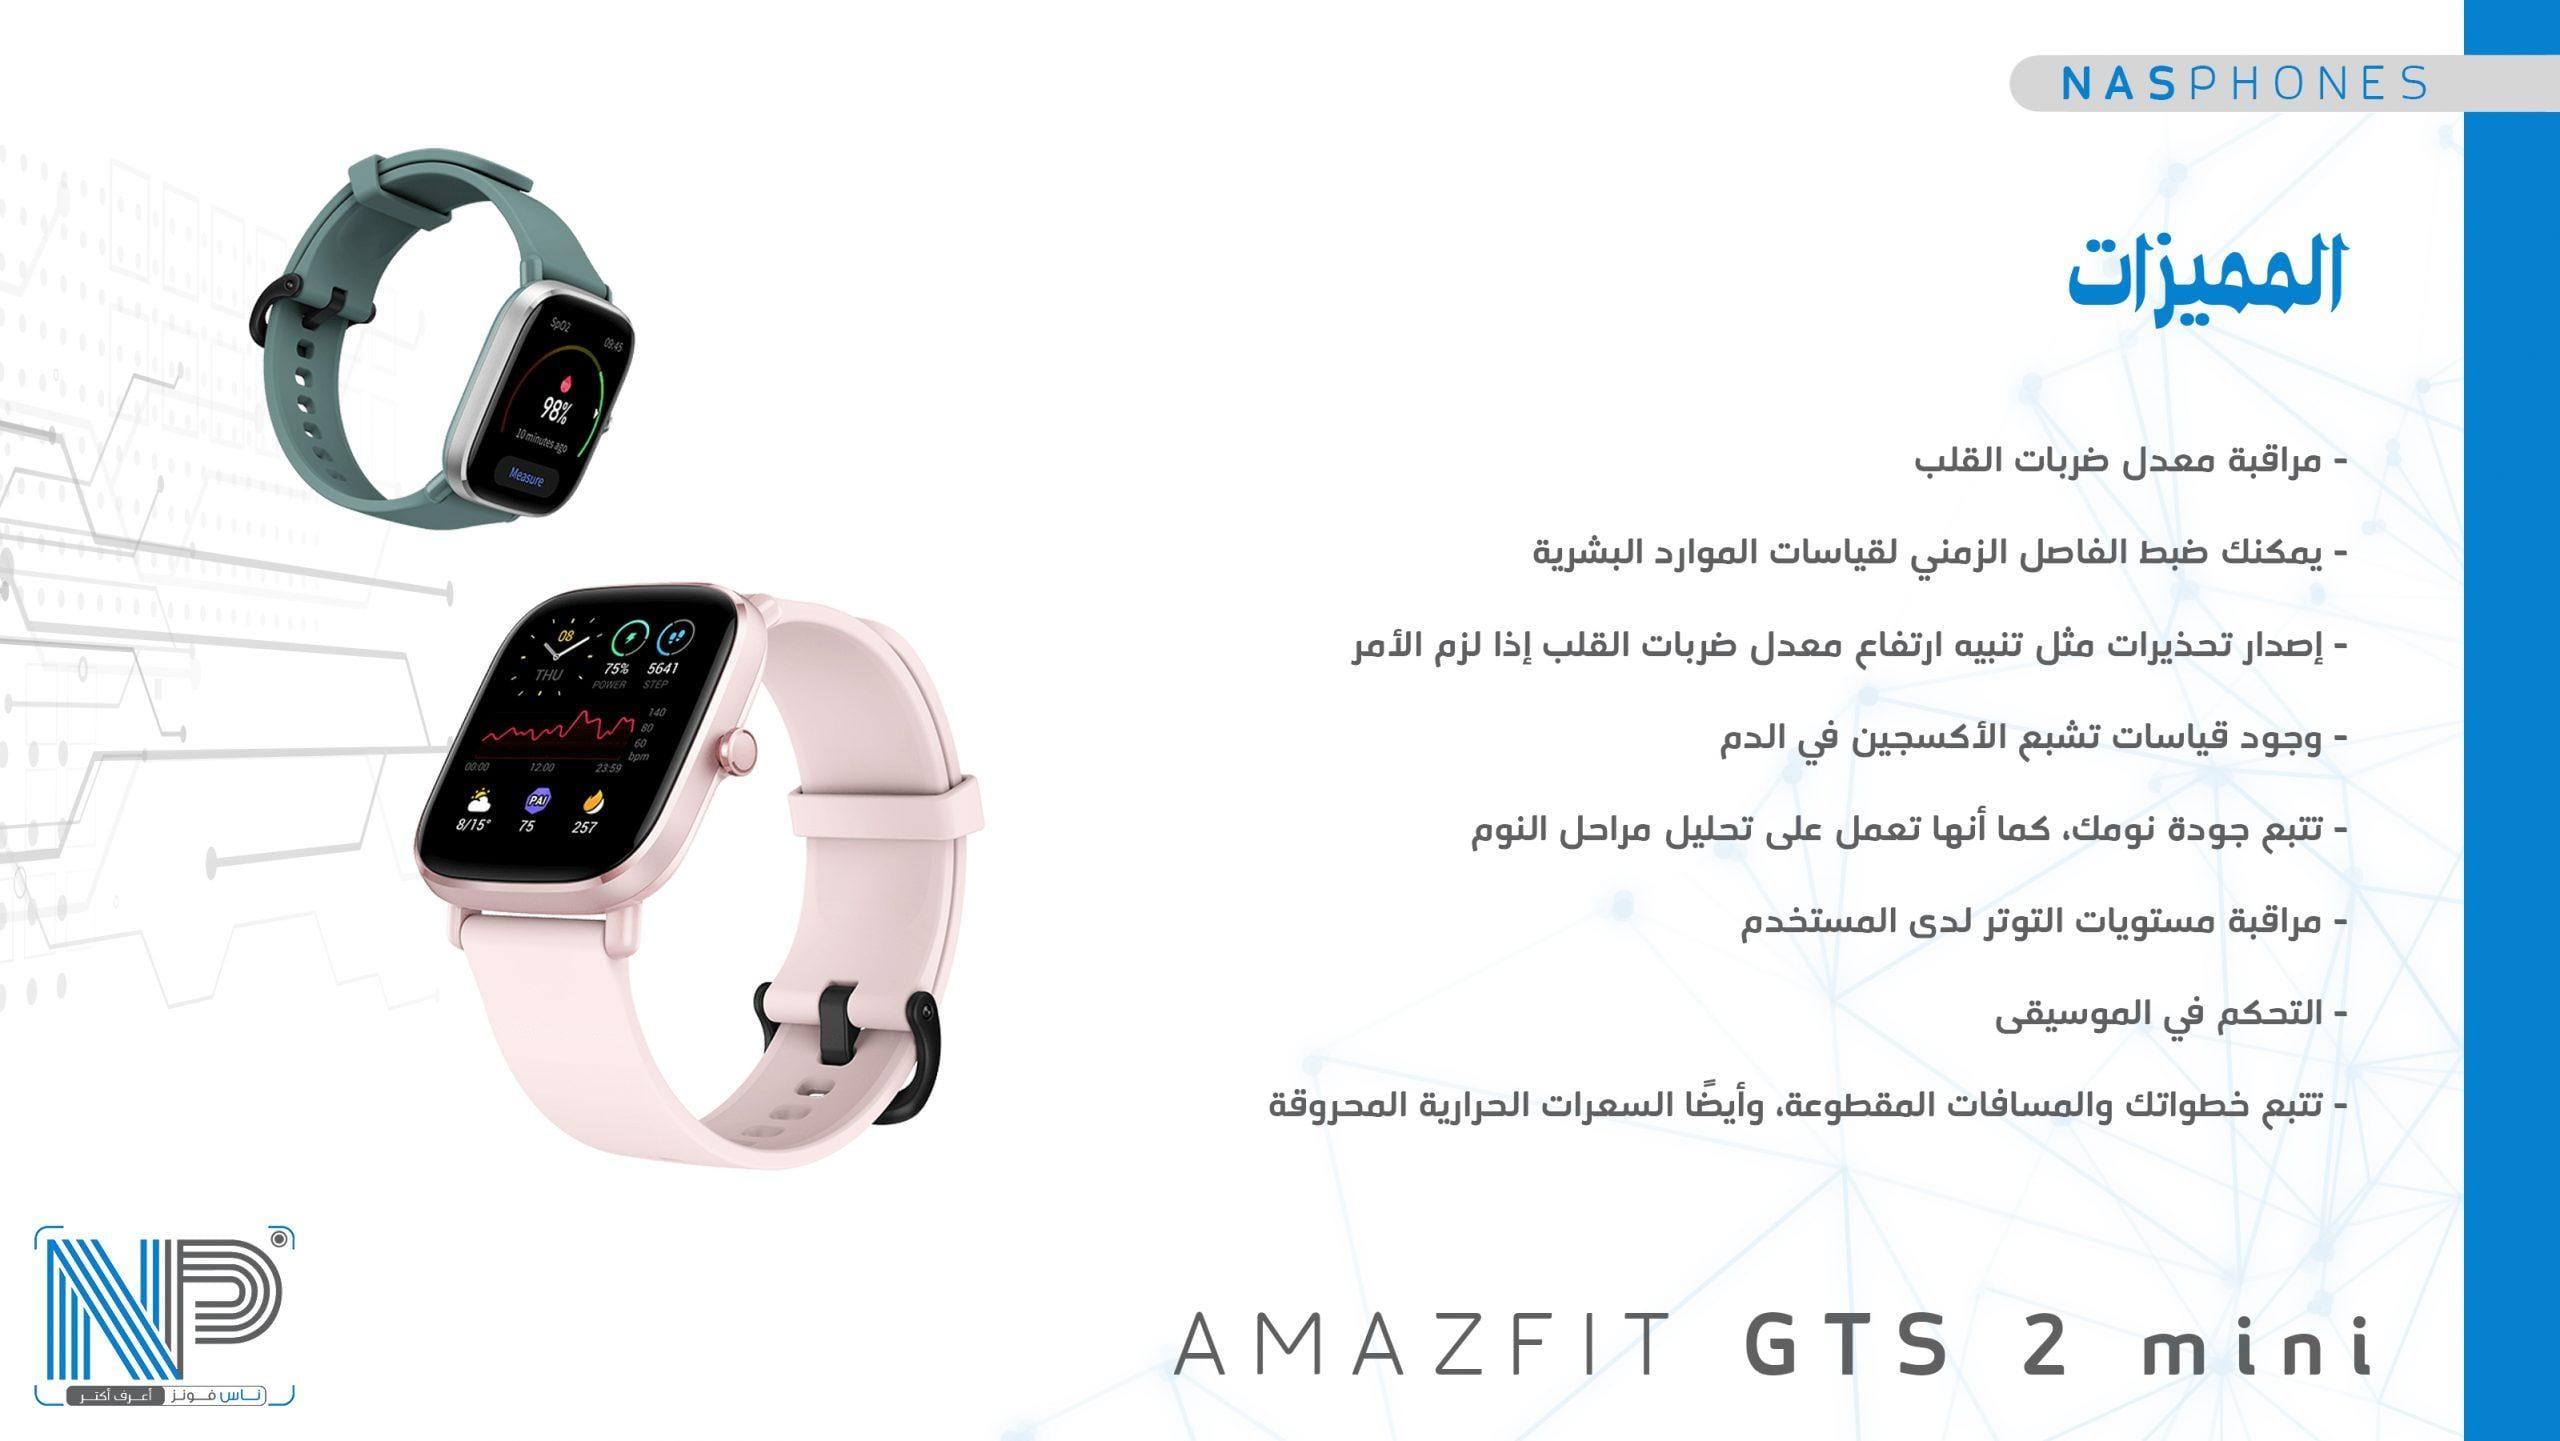 مميزات Amazfit GTS 2 mini